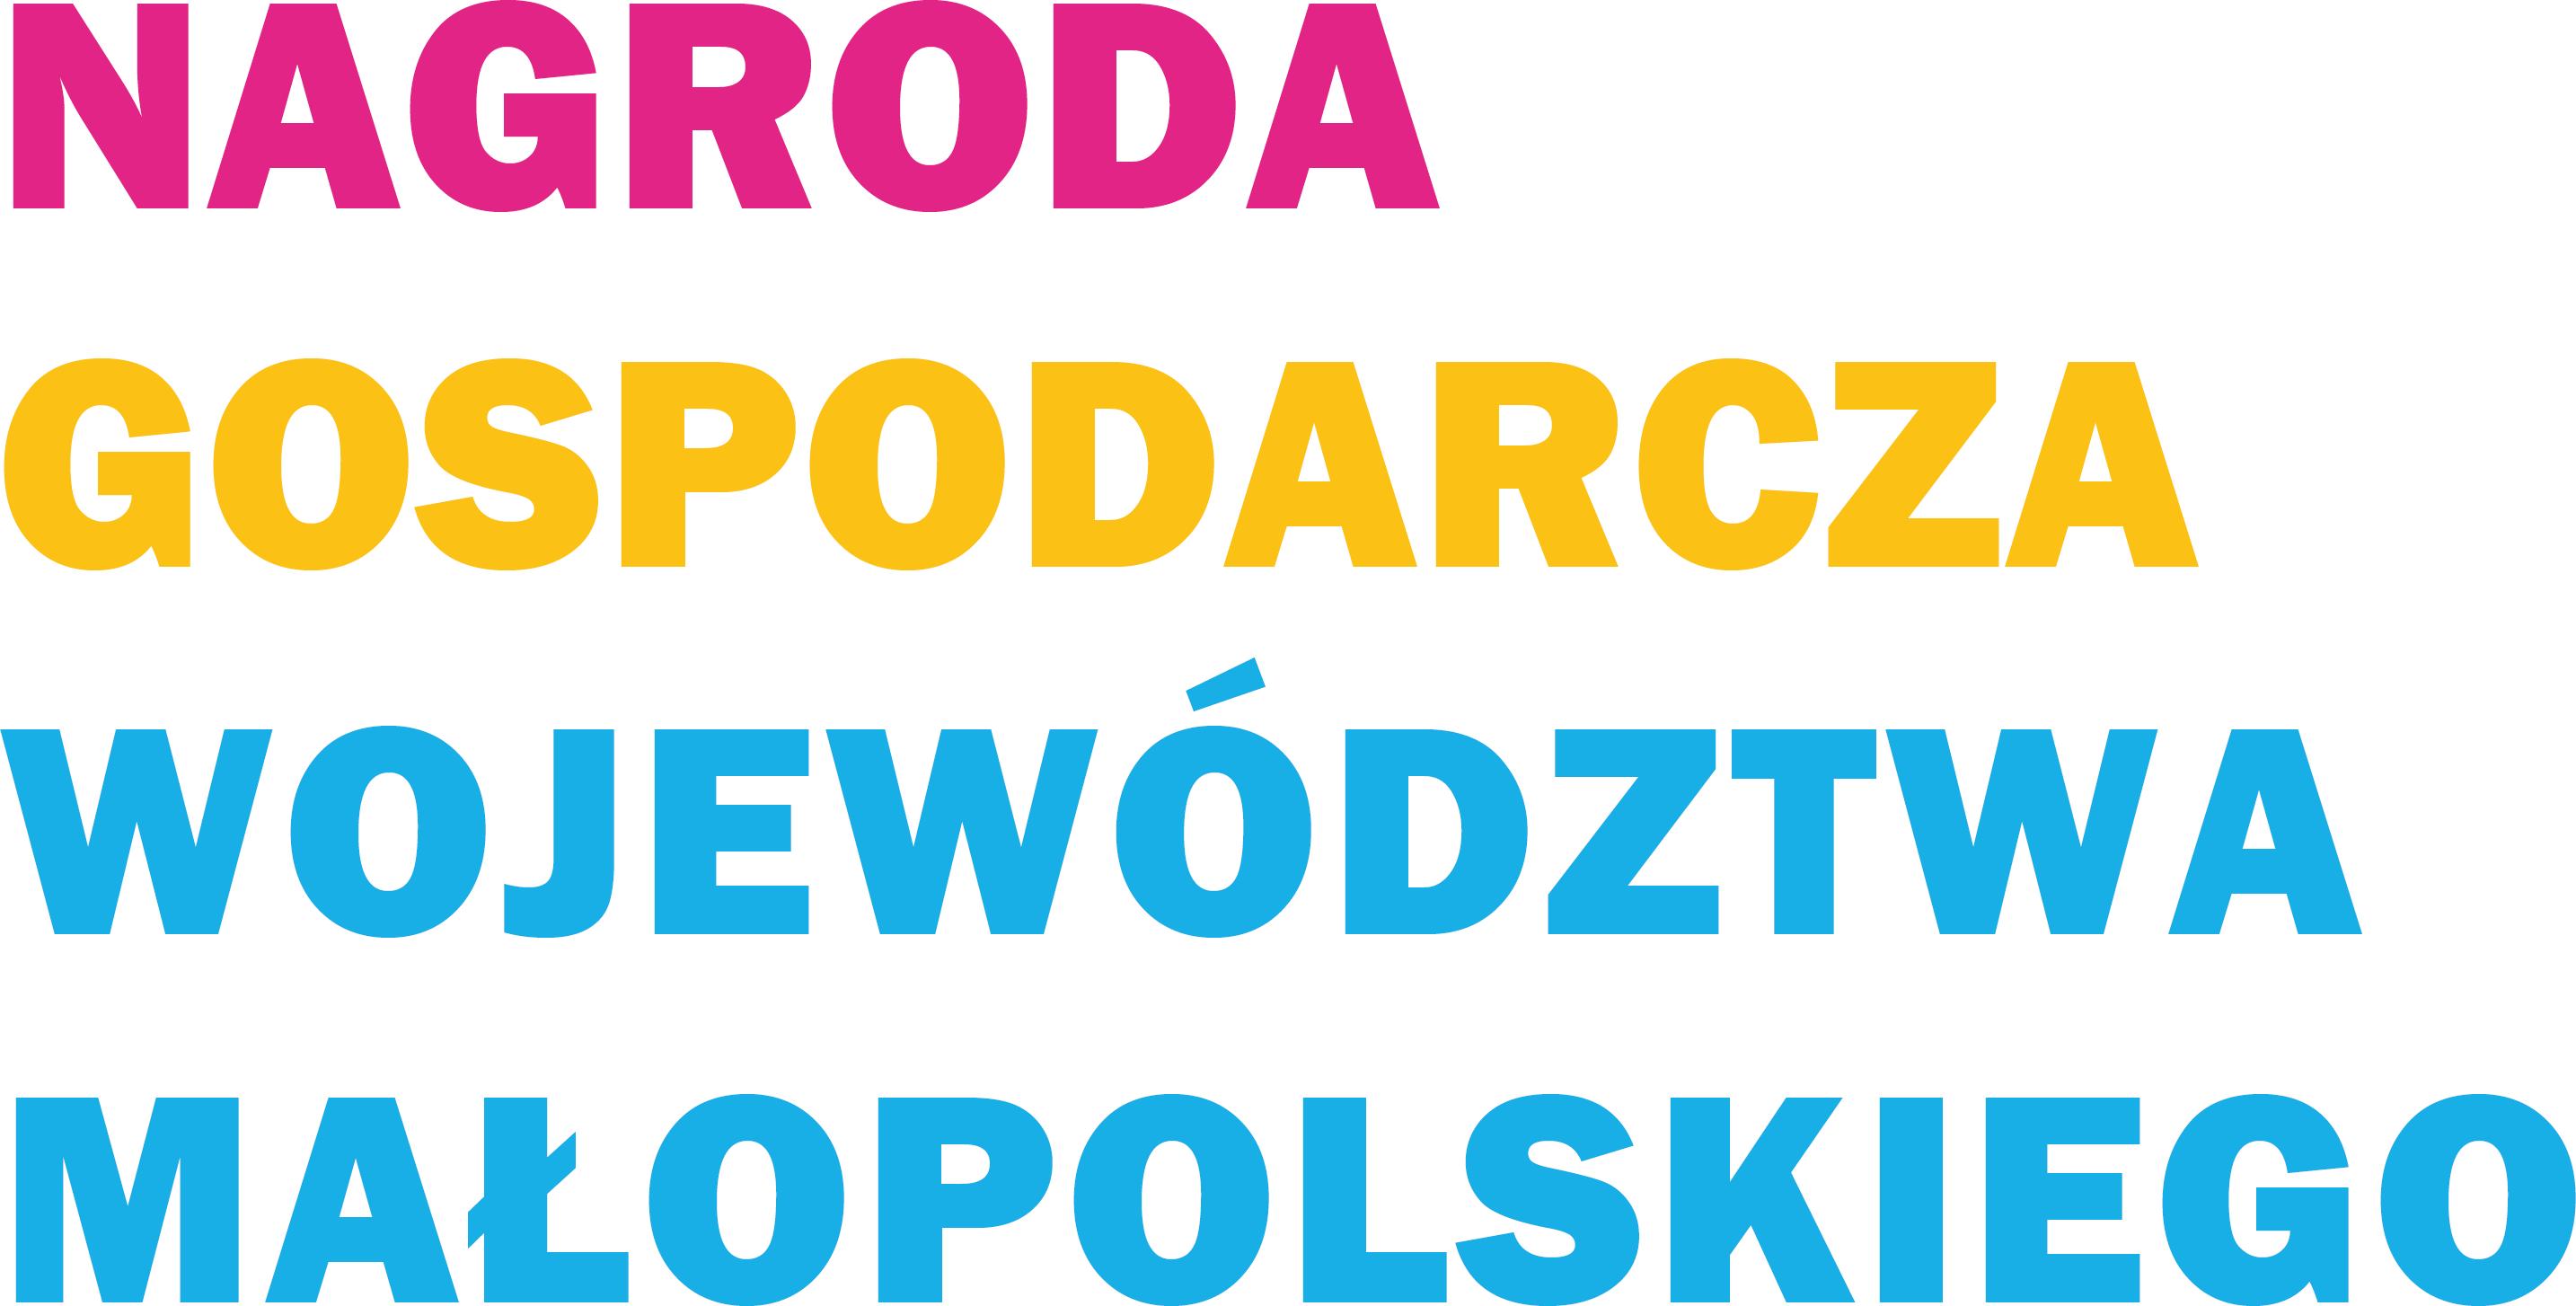 Nagroda Gospodarcza Województwa Małopolskiego